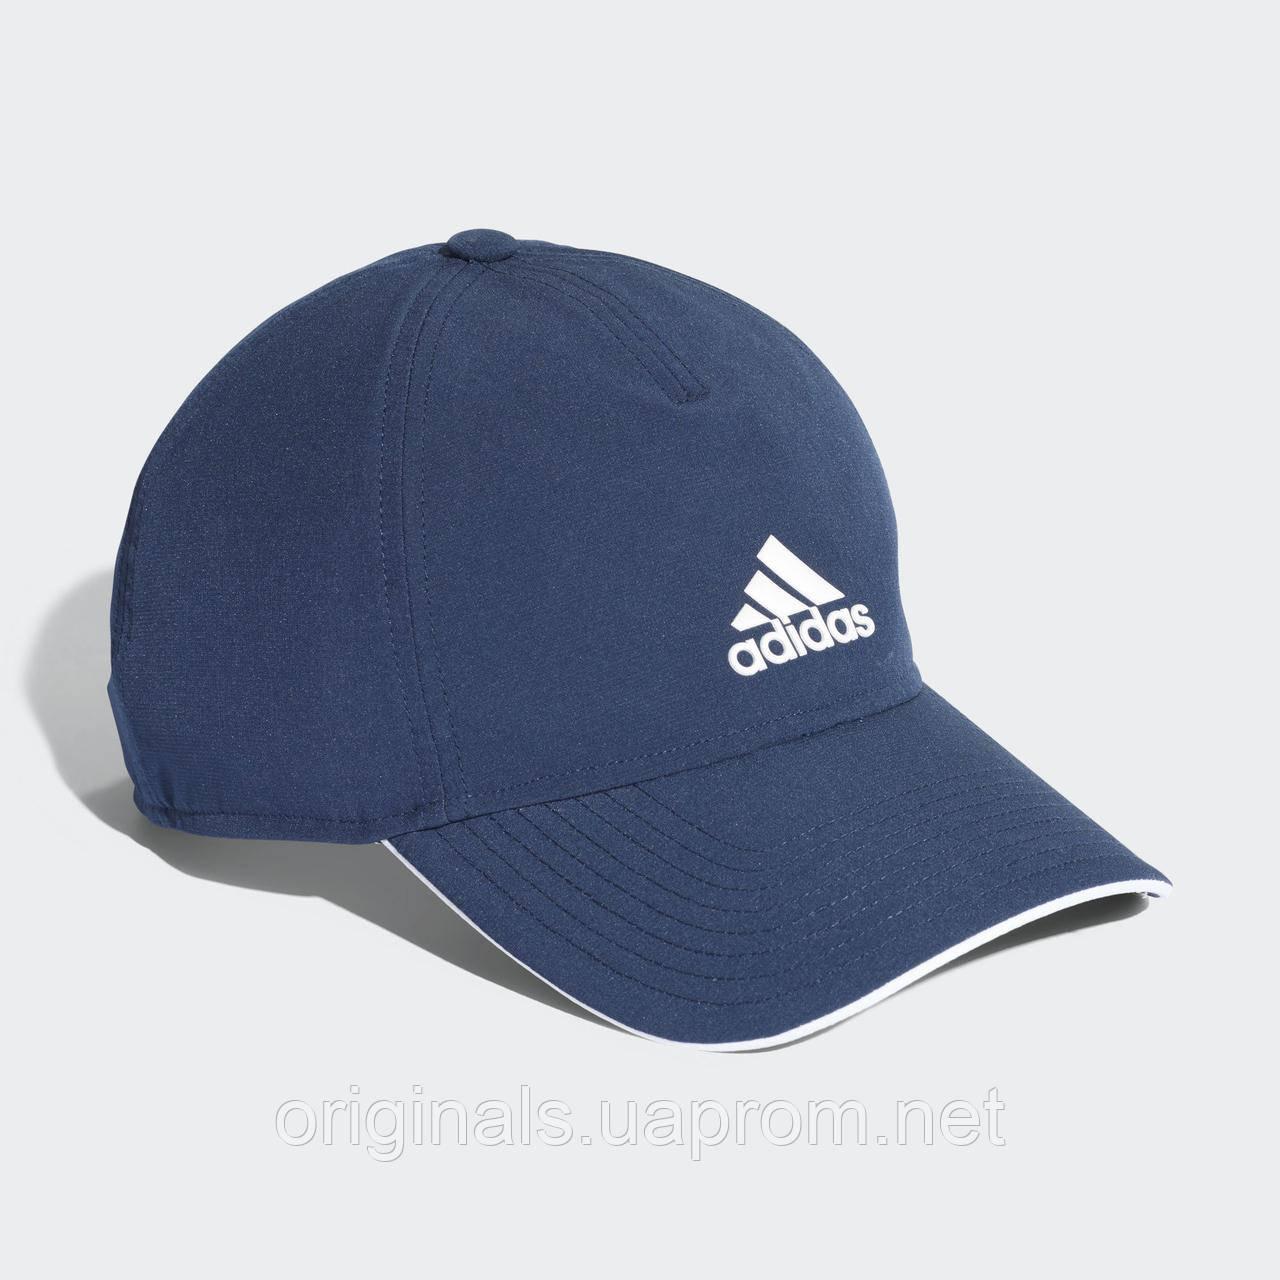 Кепка спортивная Adidas C40 Climalite CG2314